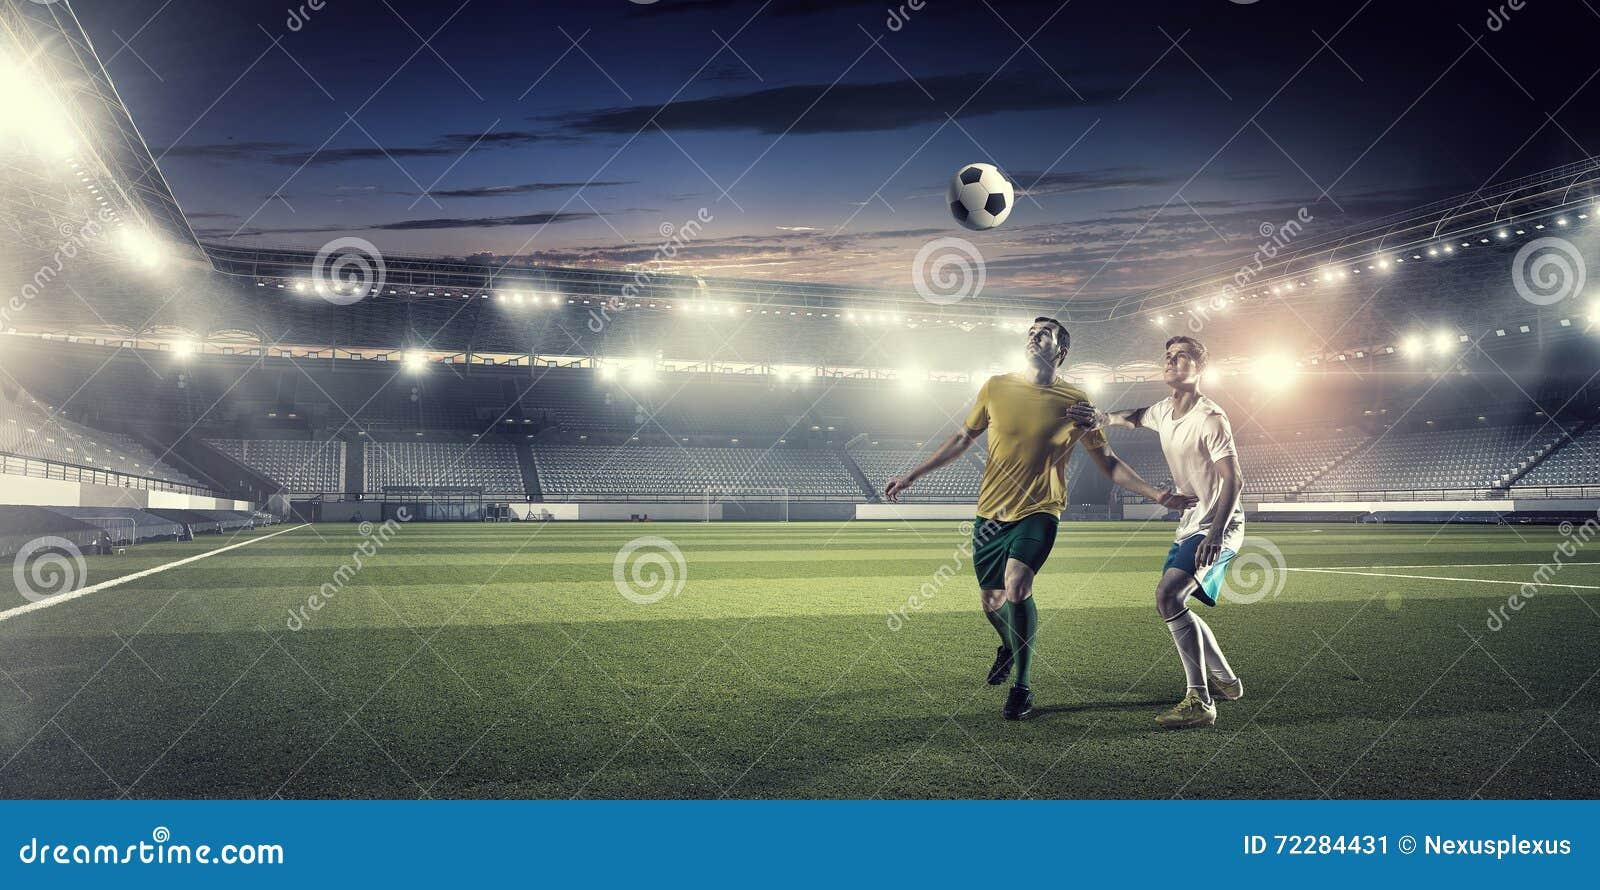 Download Горячие моменты футбола стоковое изображение. изображение насчитывающей вентилятор - 72284431